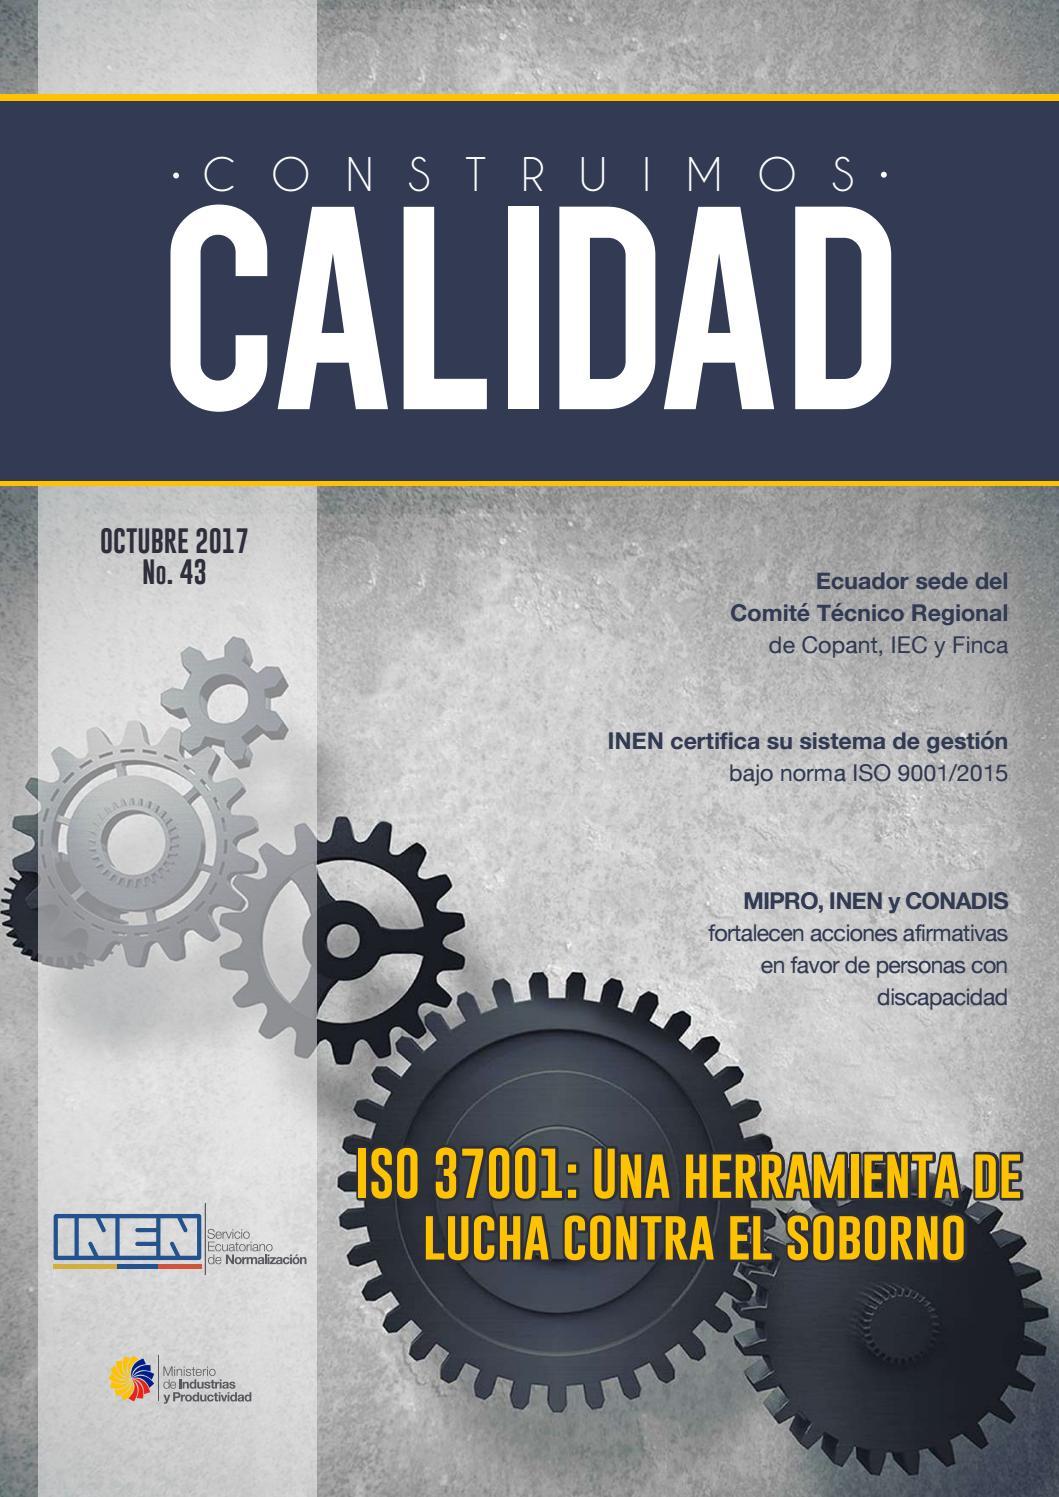 Mipro Muebles Hierro - Revista Calidad Inen 2017 By Servicio Ecuatoriano De Normalizaci N [mjhdah]https://image.isu.pub/170817155941-2ad70735b352e8237c1dcc24ec9ff2aa/jpg/page_1.jpg